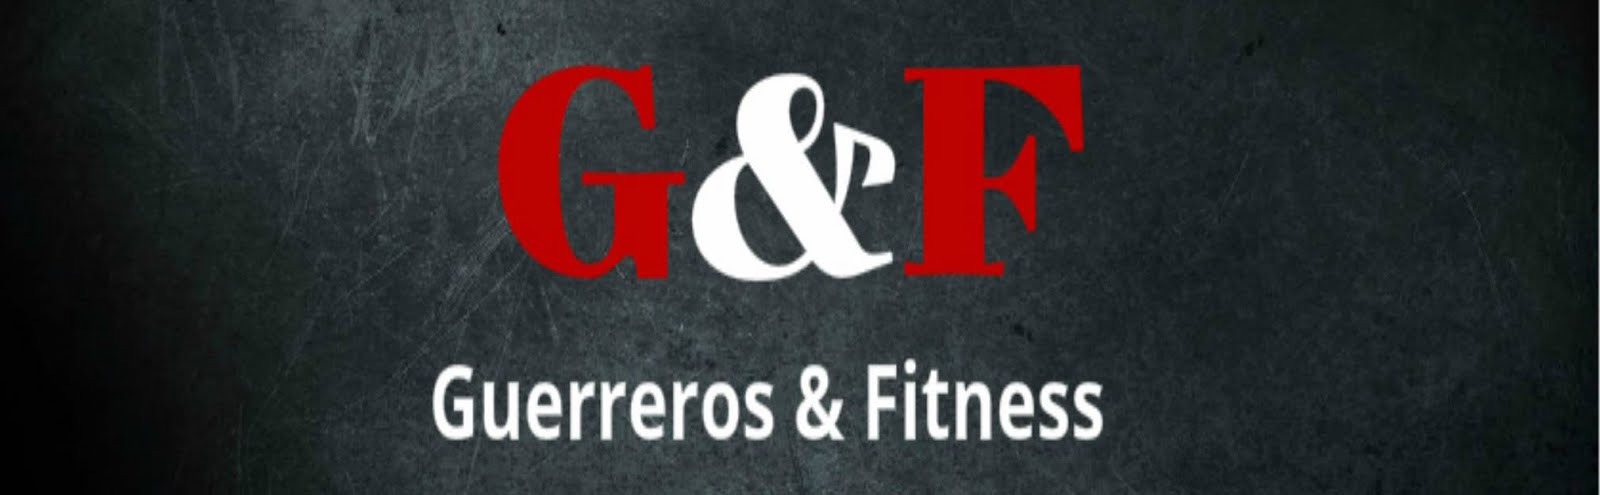 guerreros&fitness